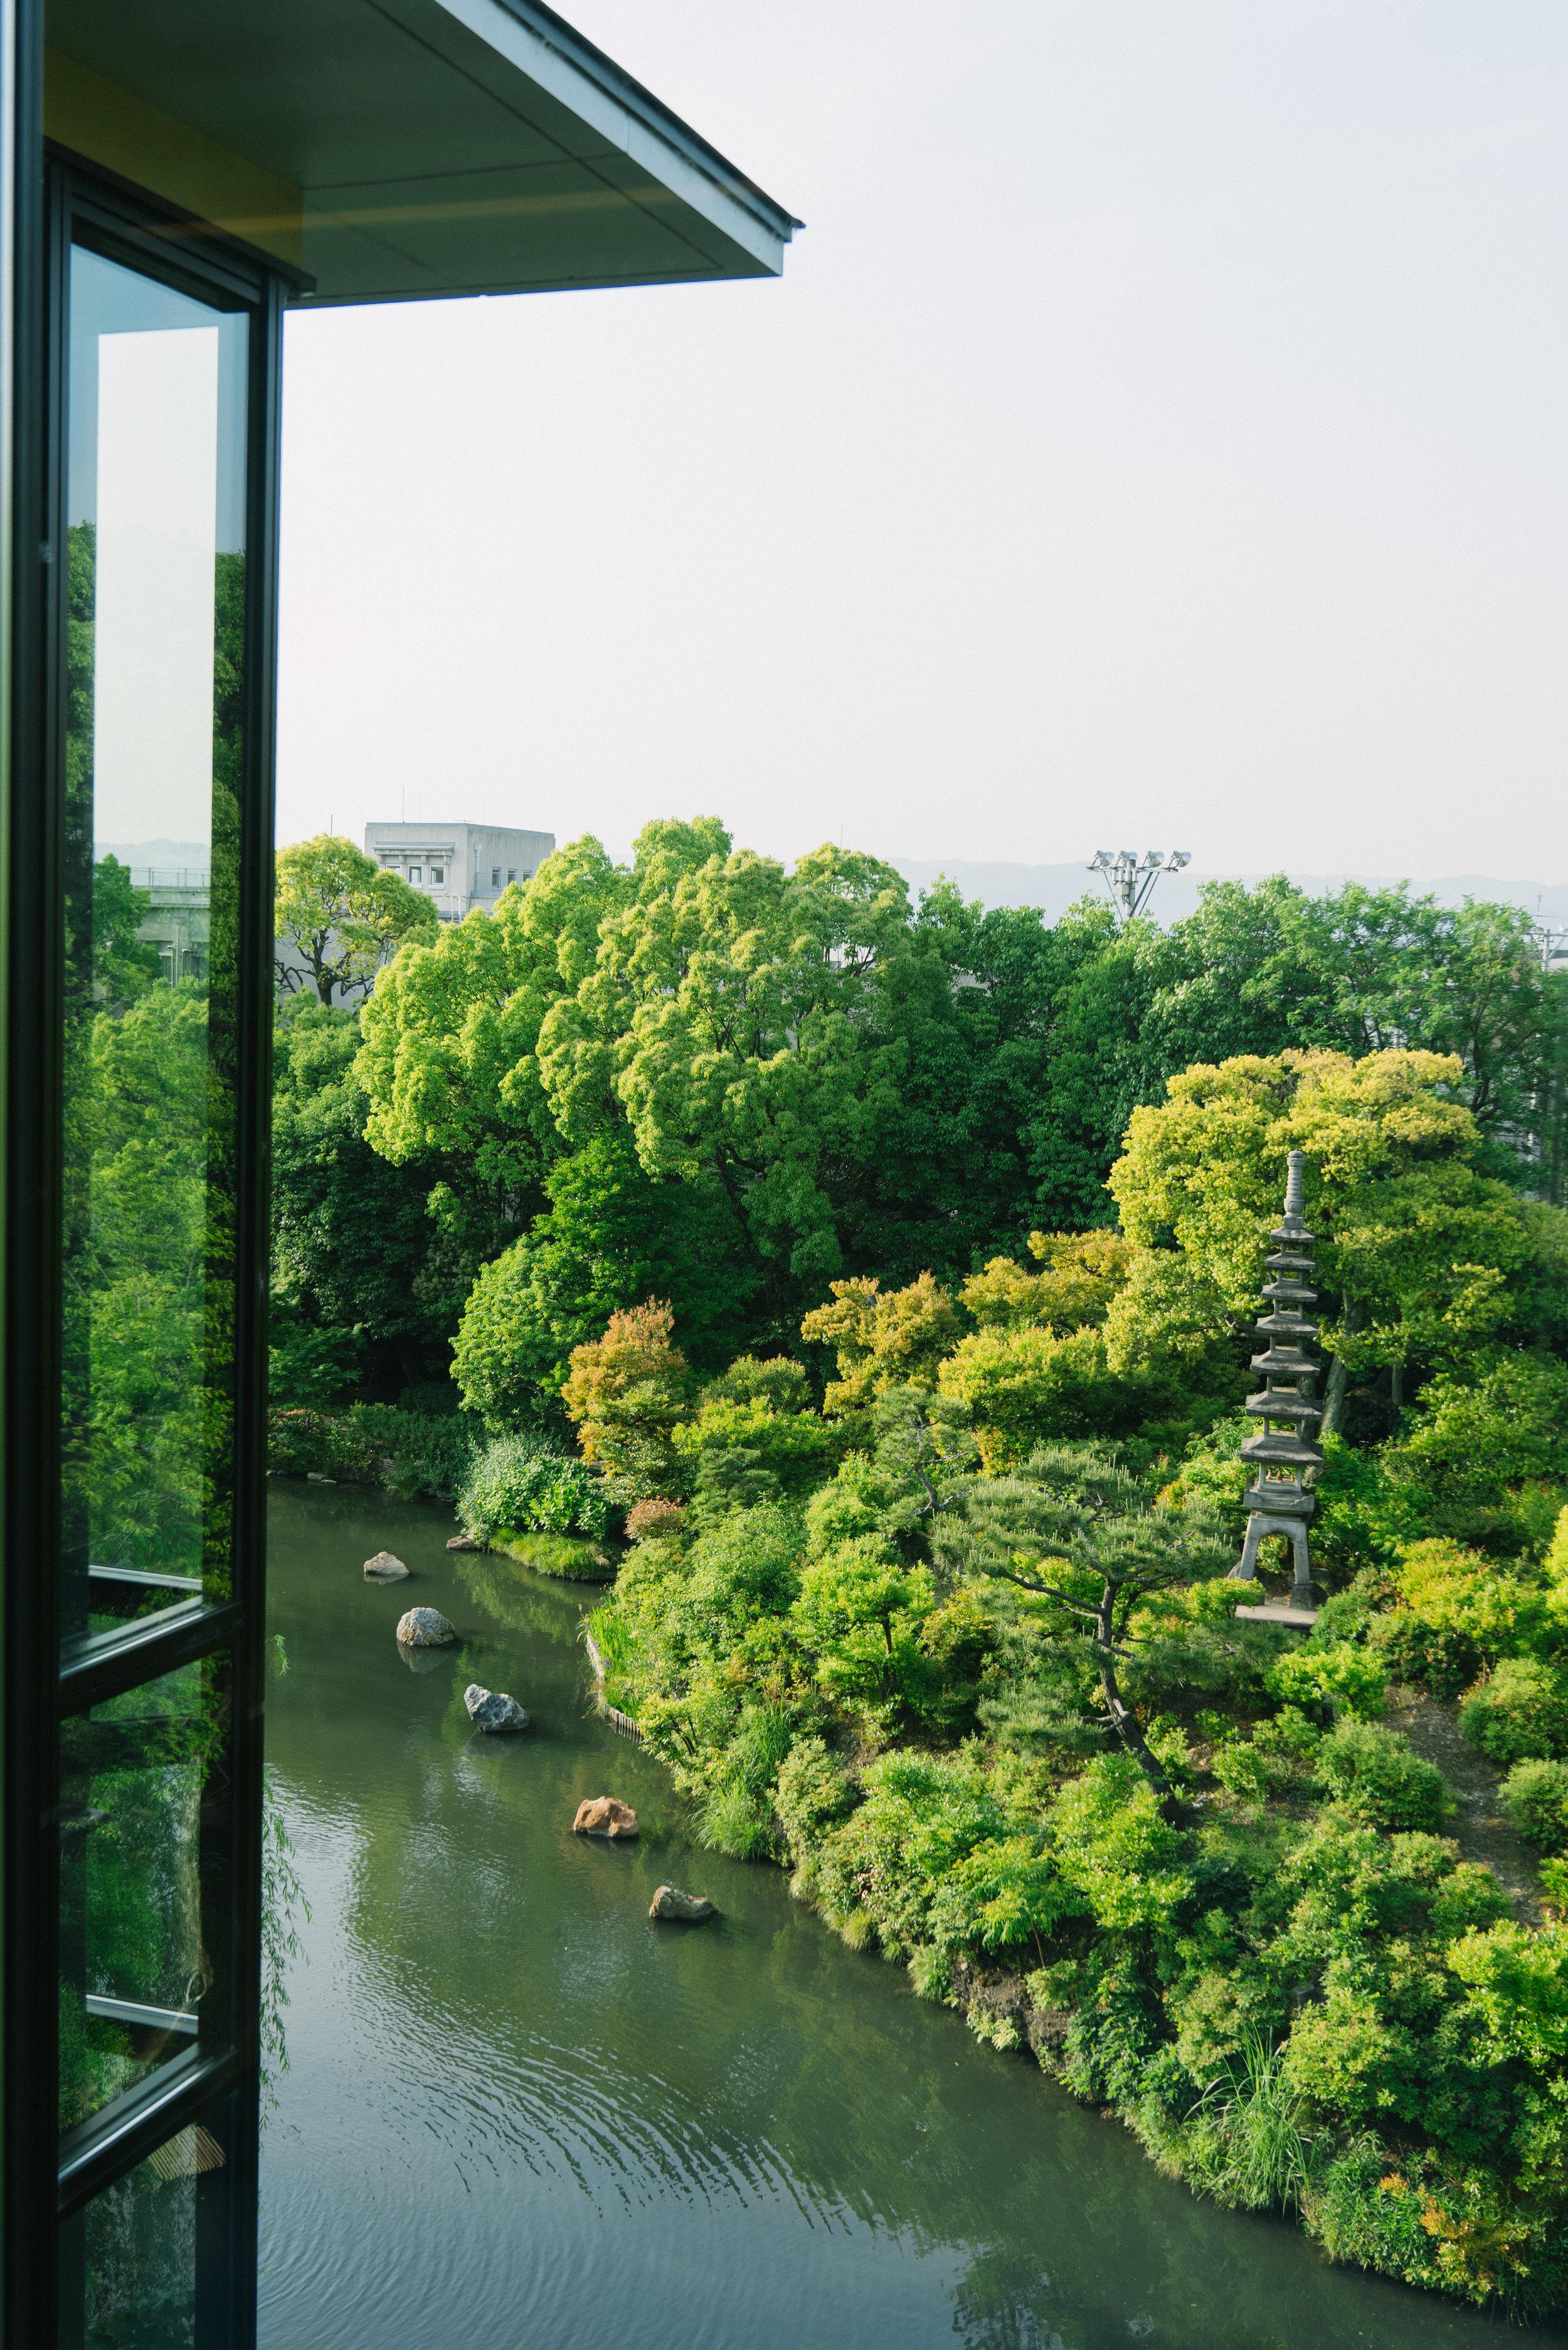 Kyoto-Japan travel 2018